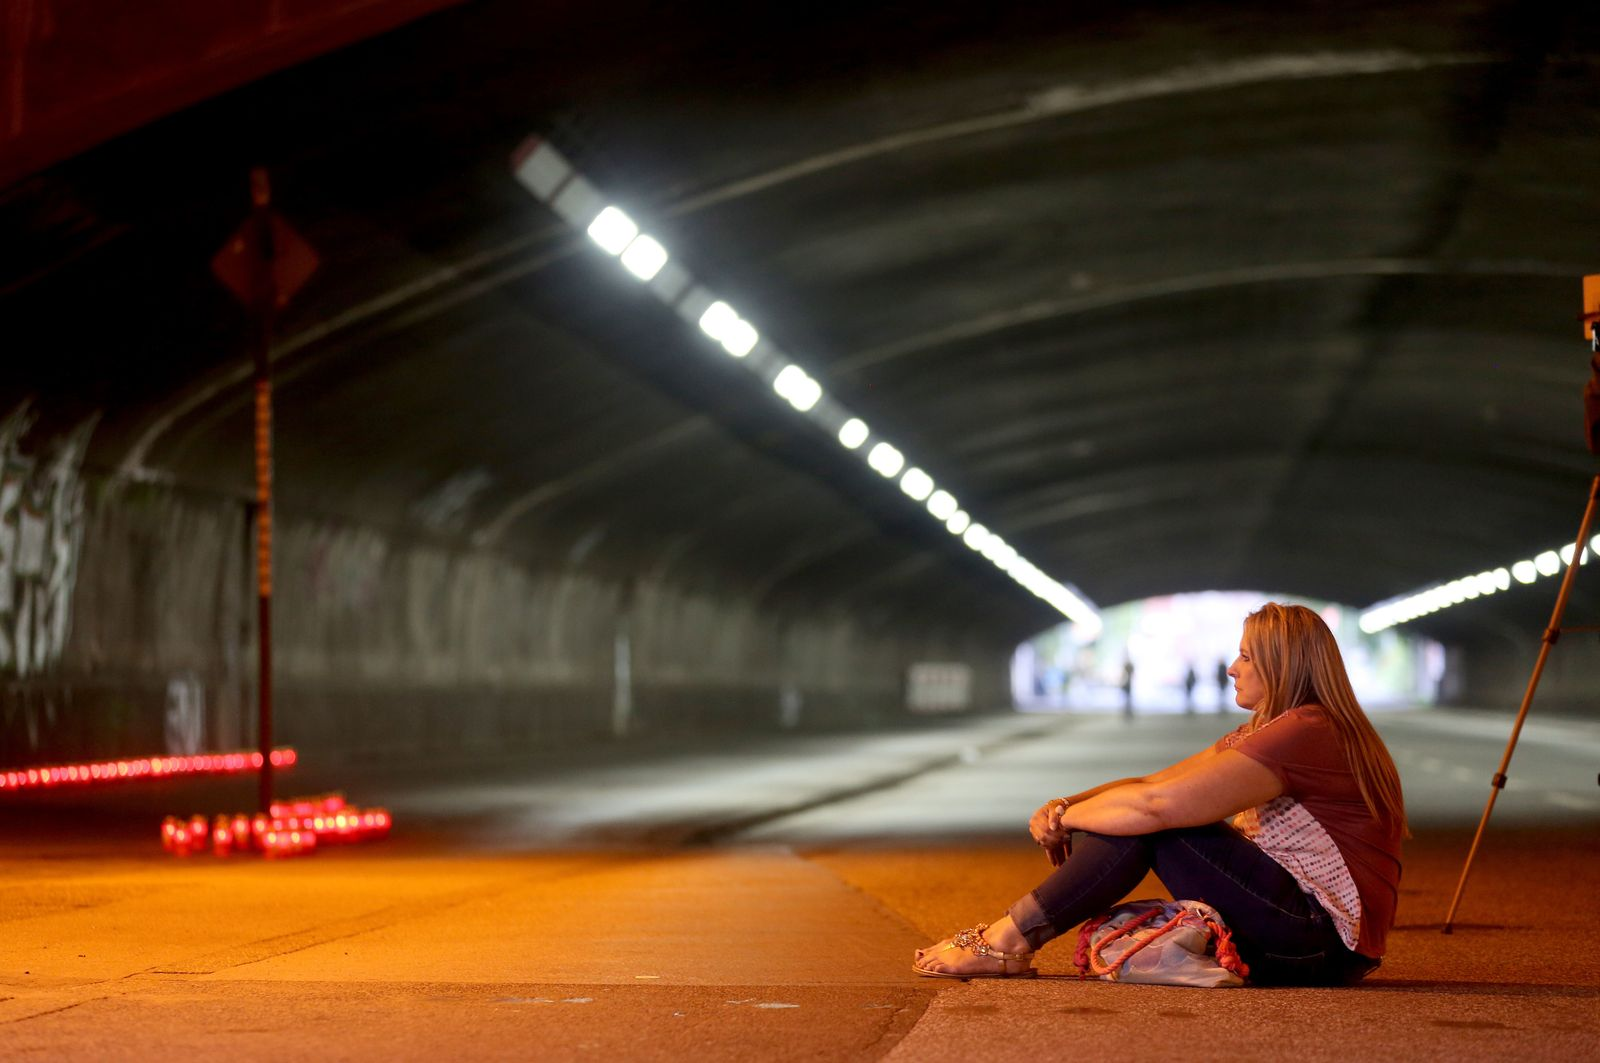 Tunnel Loveparade Dpa Bearbeitet 1